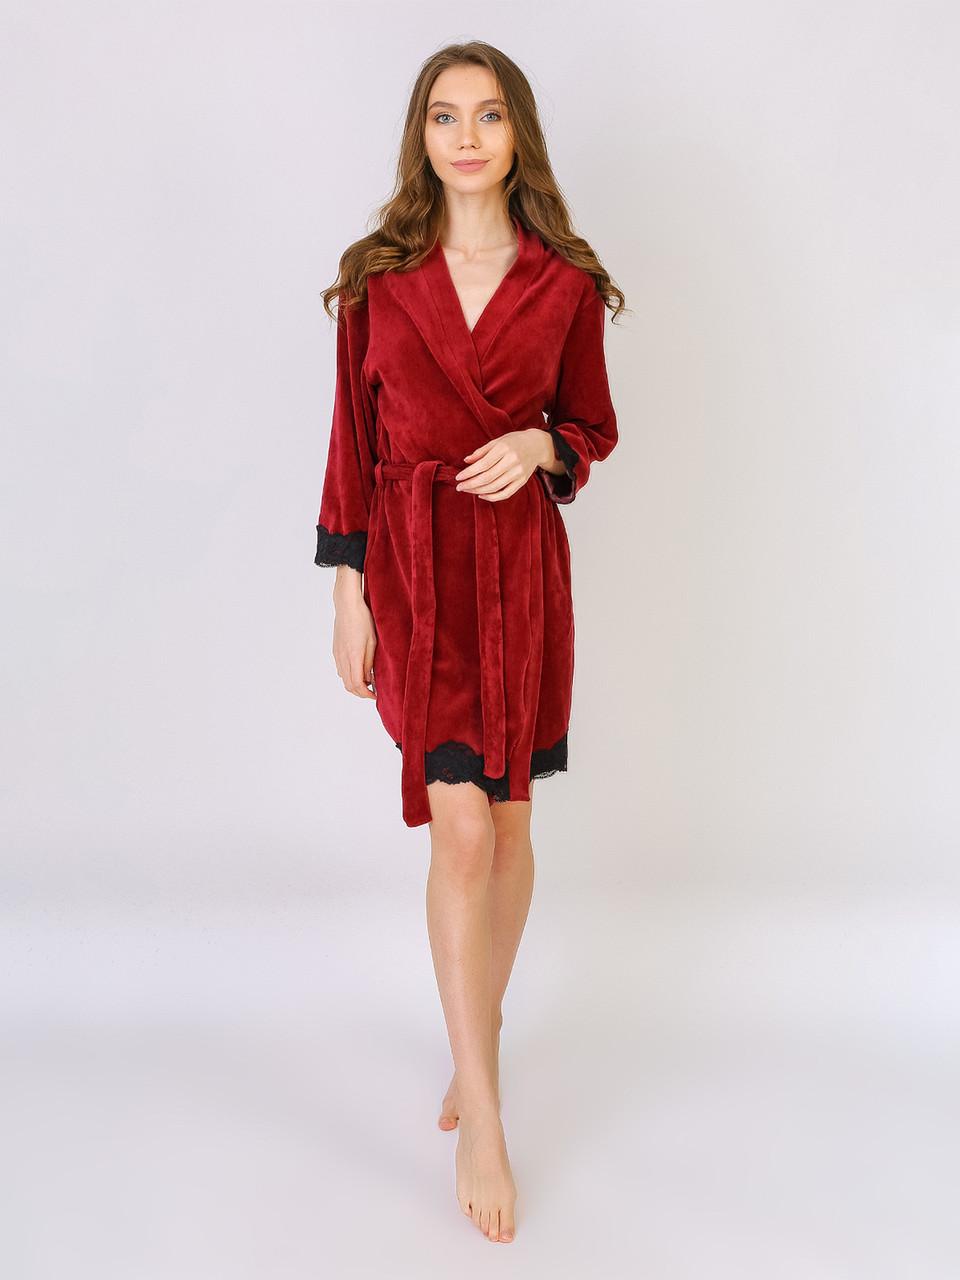 Комплект тройка, халат с пижамой хлопок велюр Serenade бордовый с черным кружевом